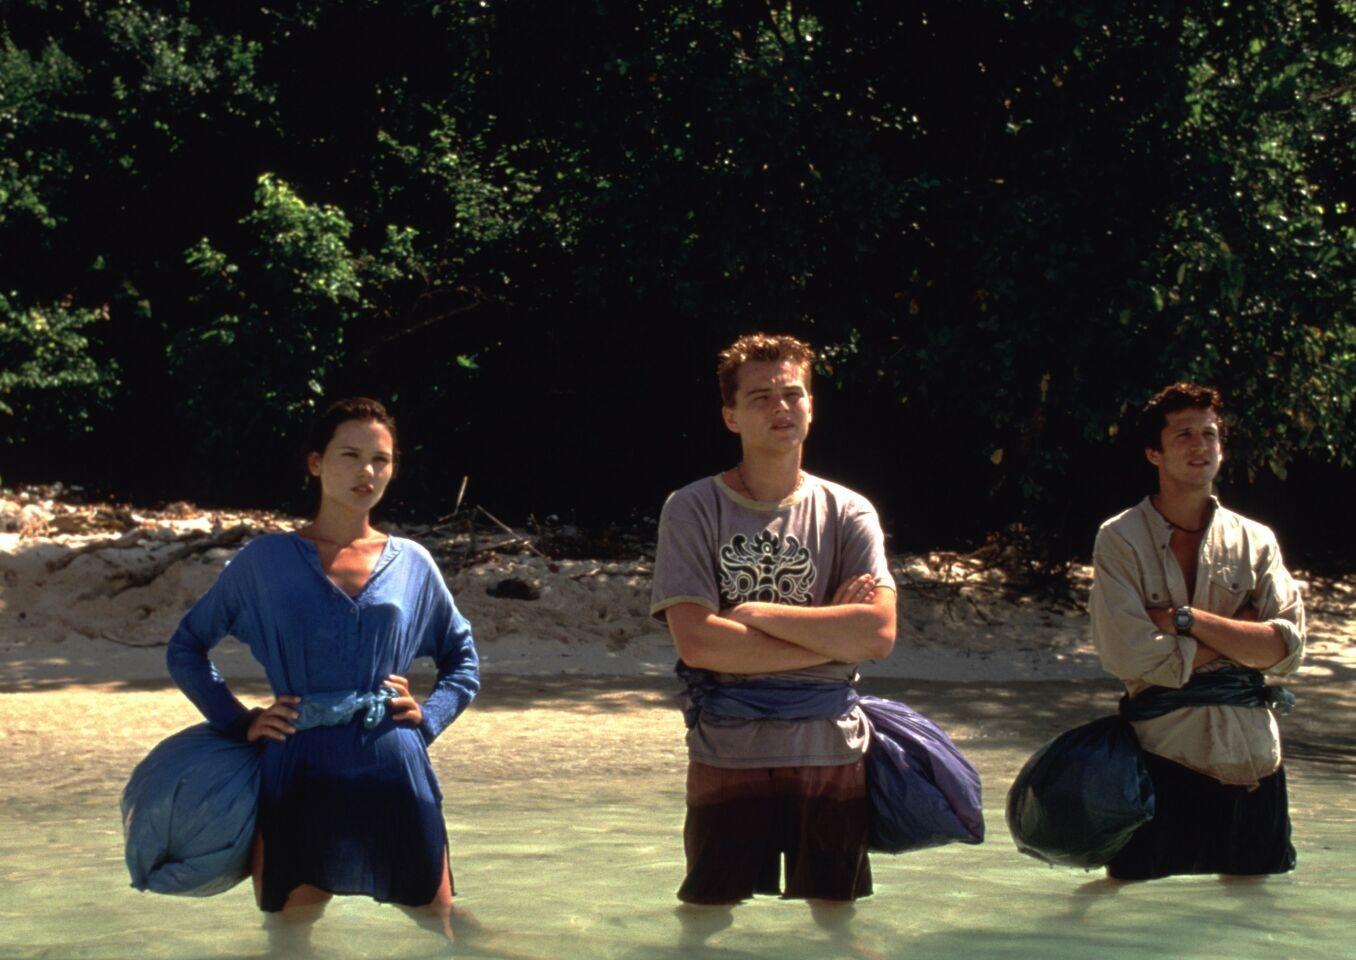 """秘密の孤島""""ザ・ビーチ""""へ渡った若者たちが見たものは…(『ザ・ビーチ』)"""